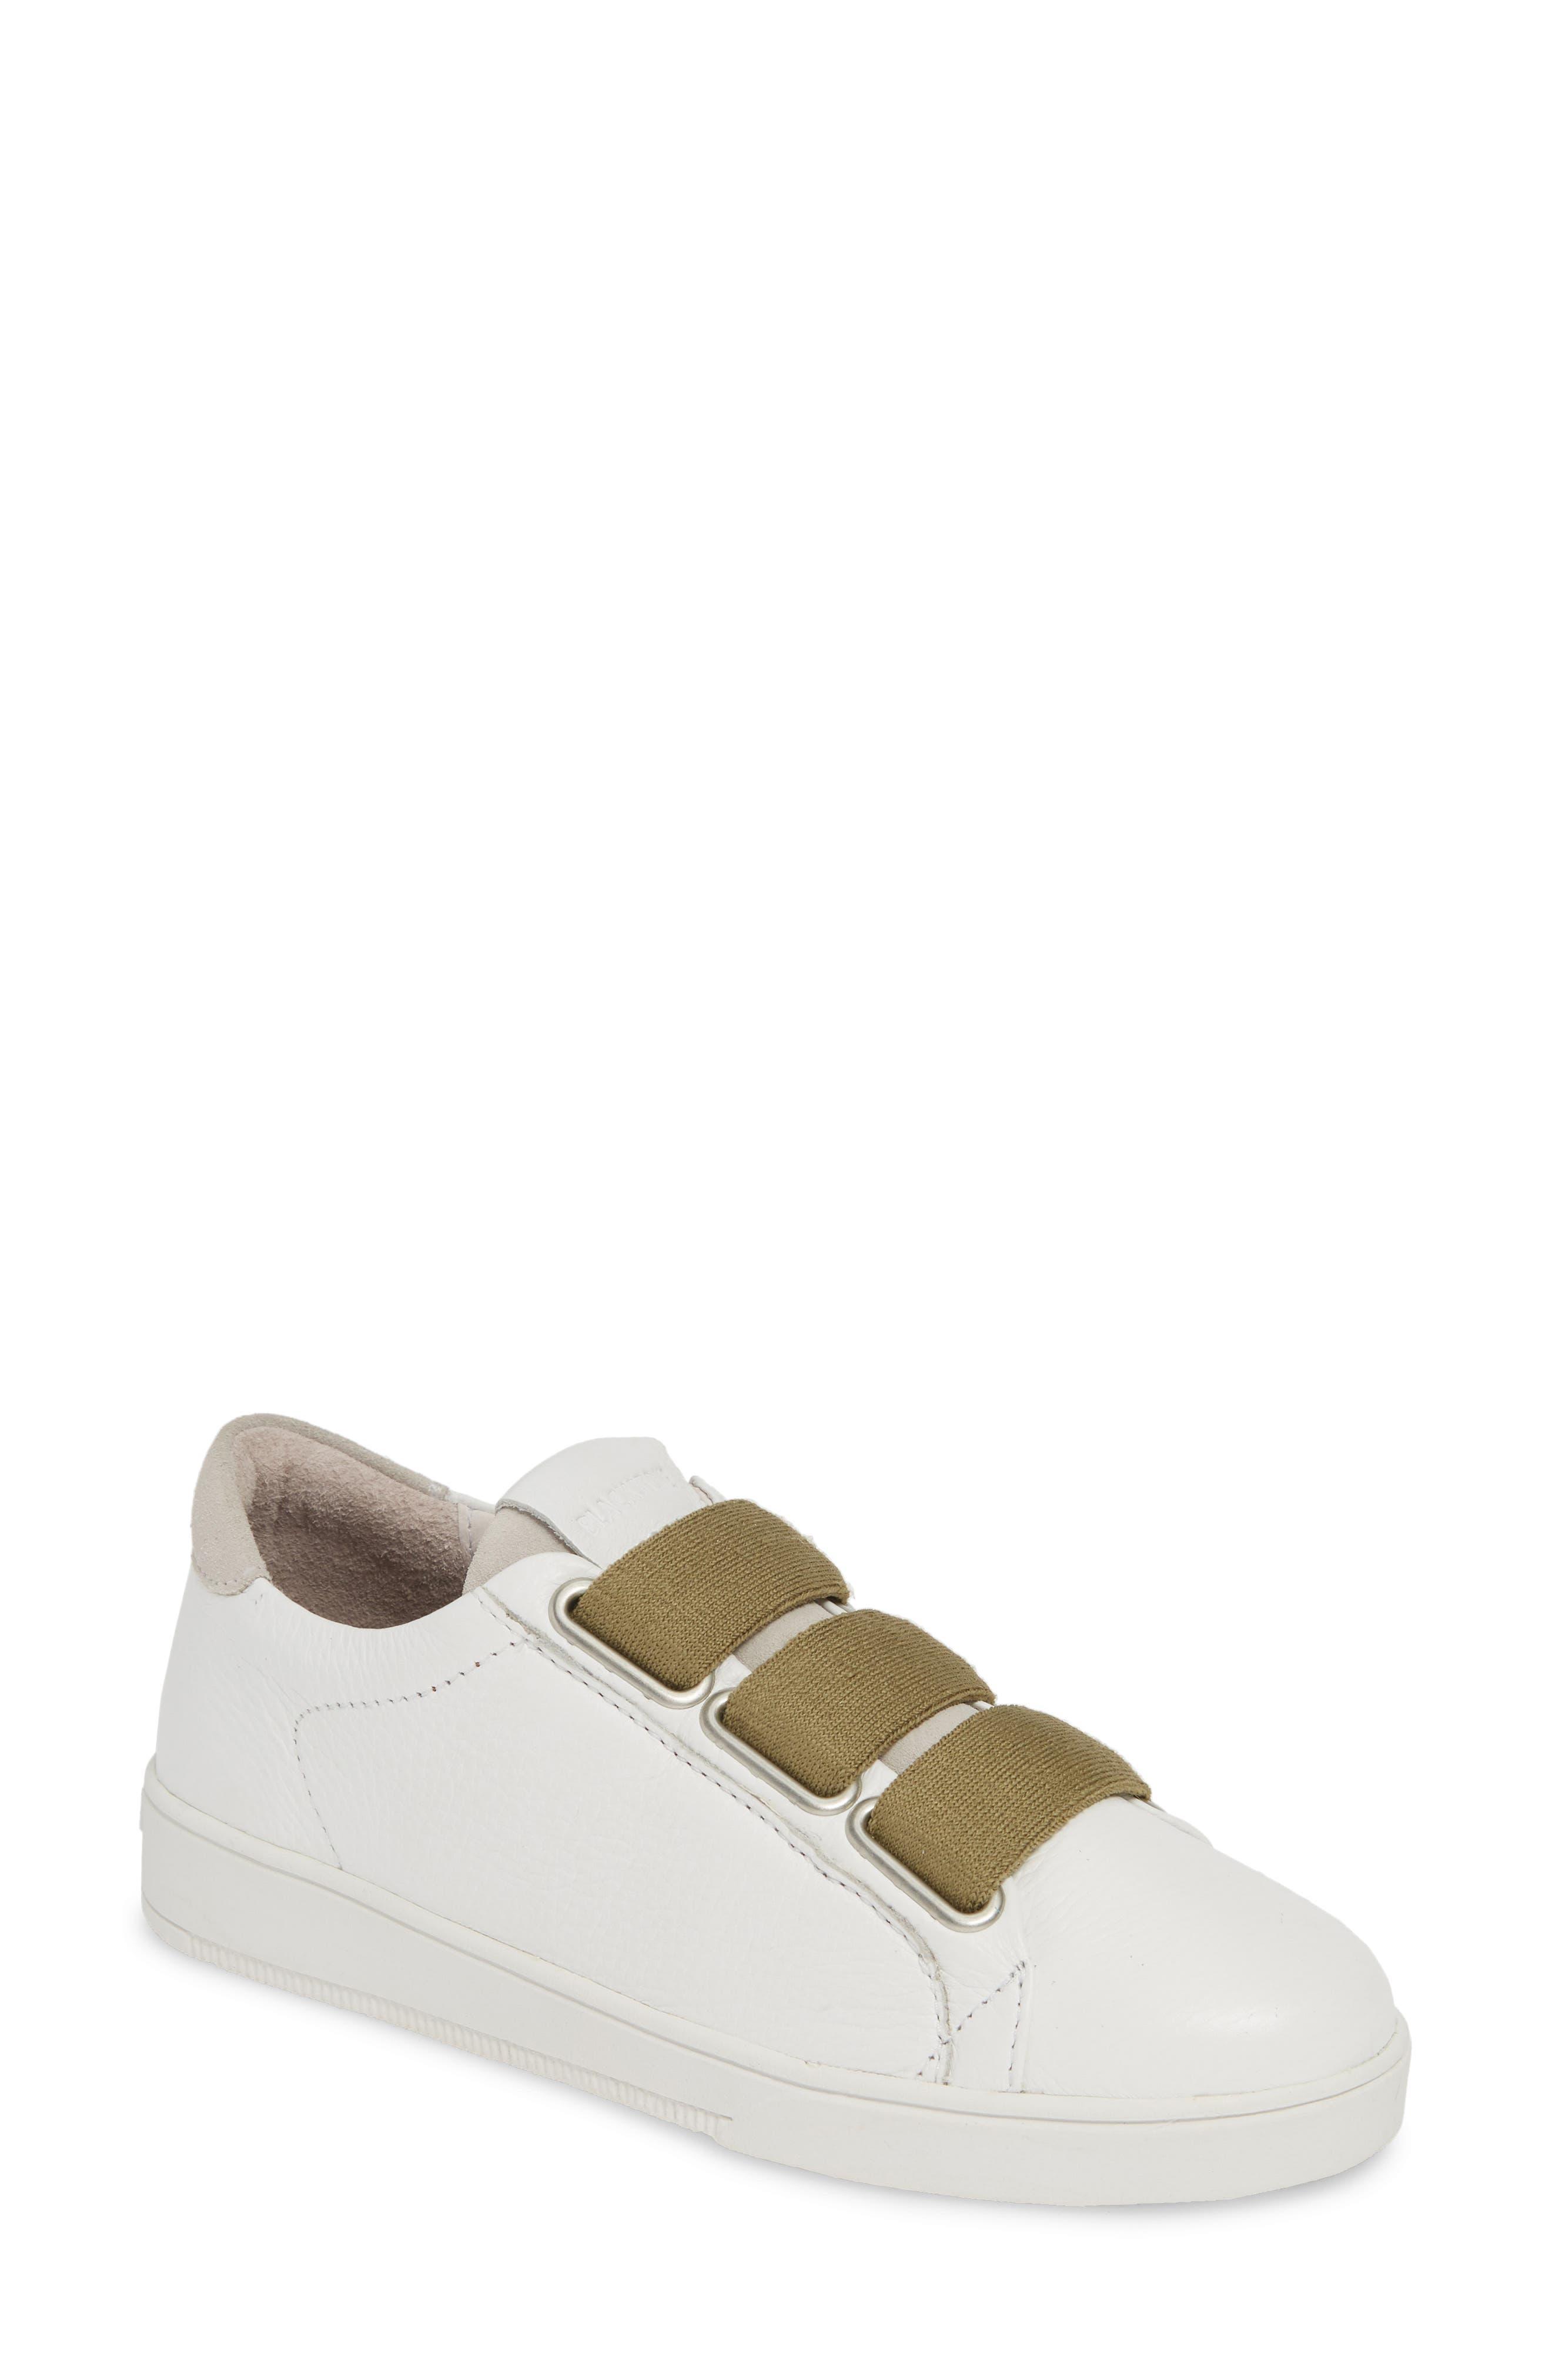 Blackstone Rl82 Slip-On Sneaker, White